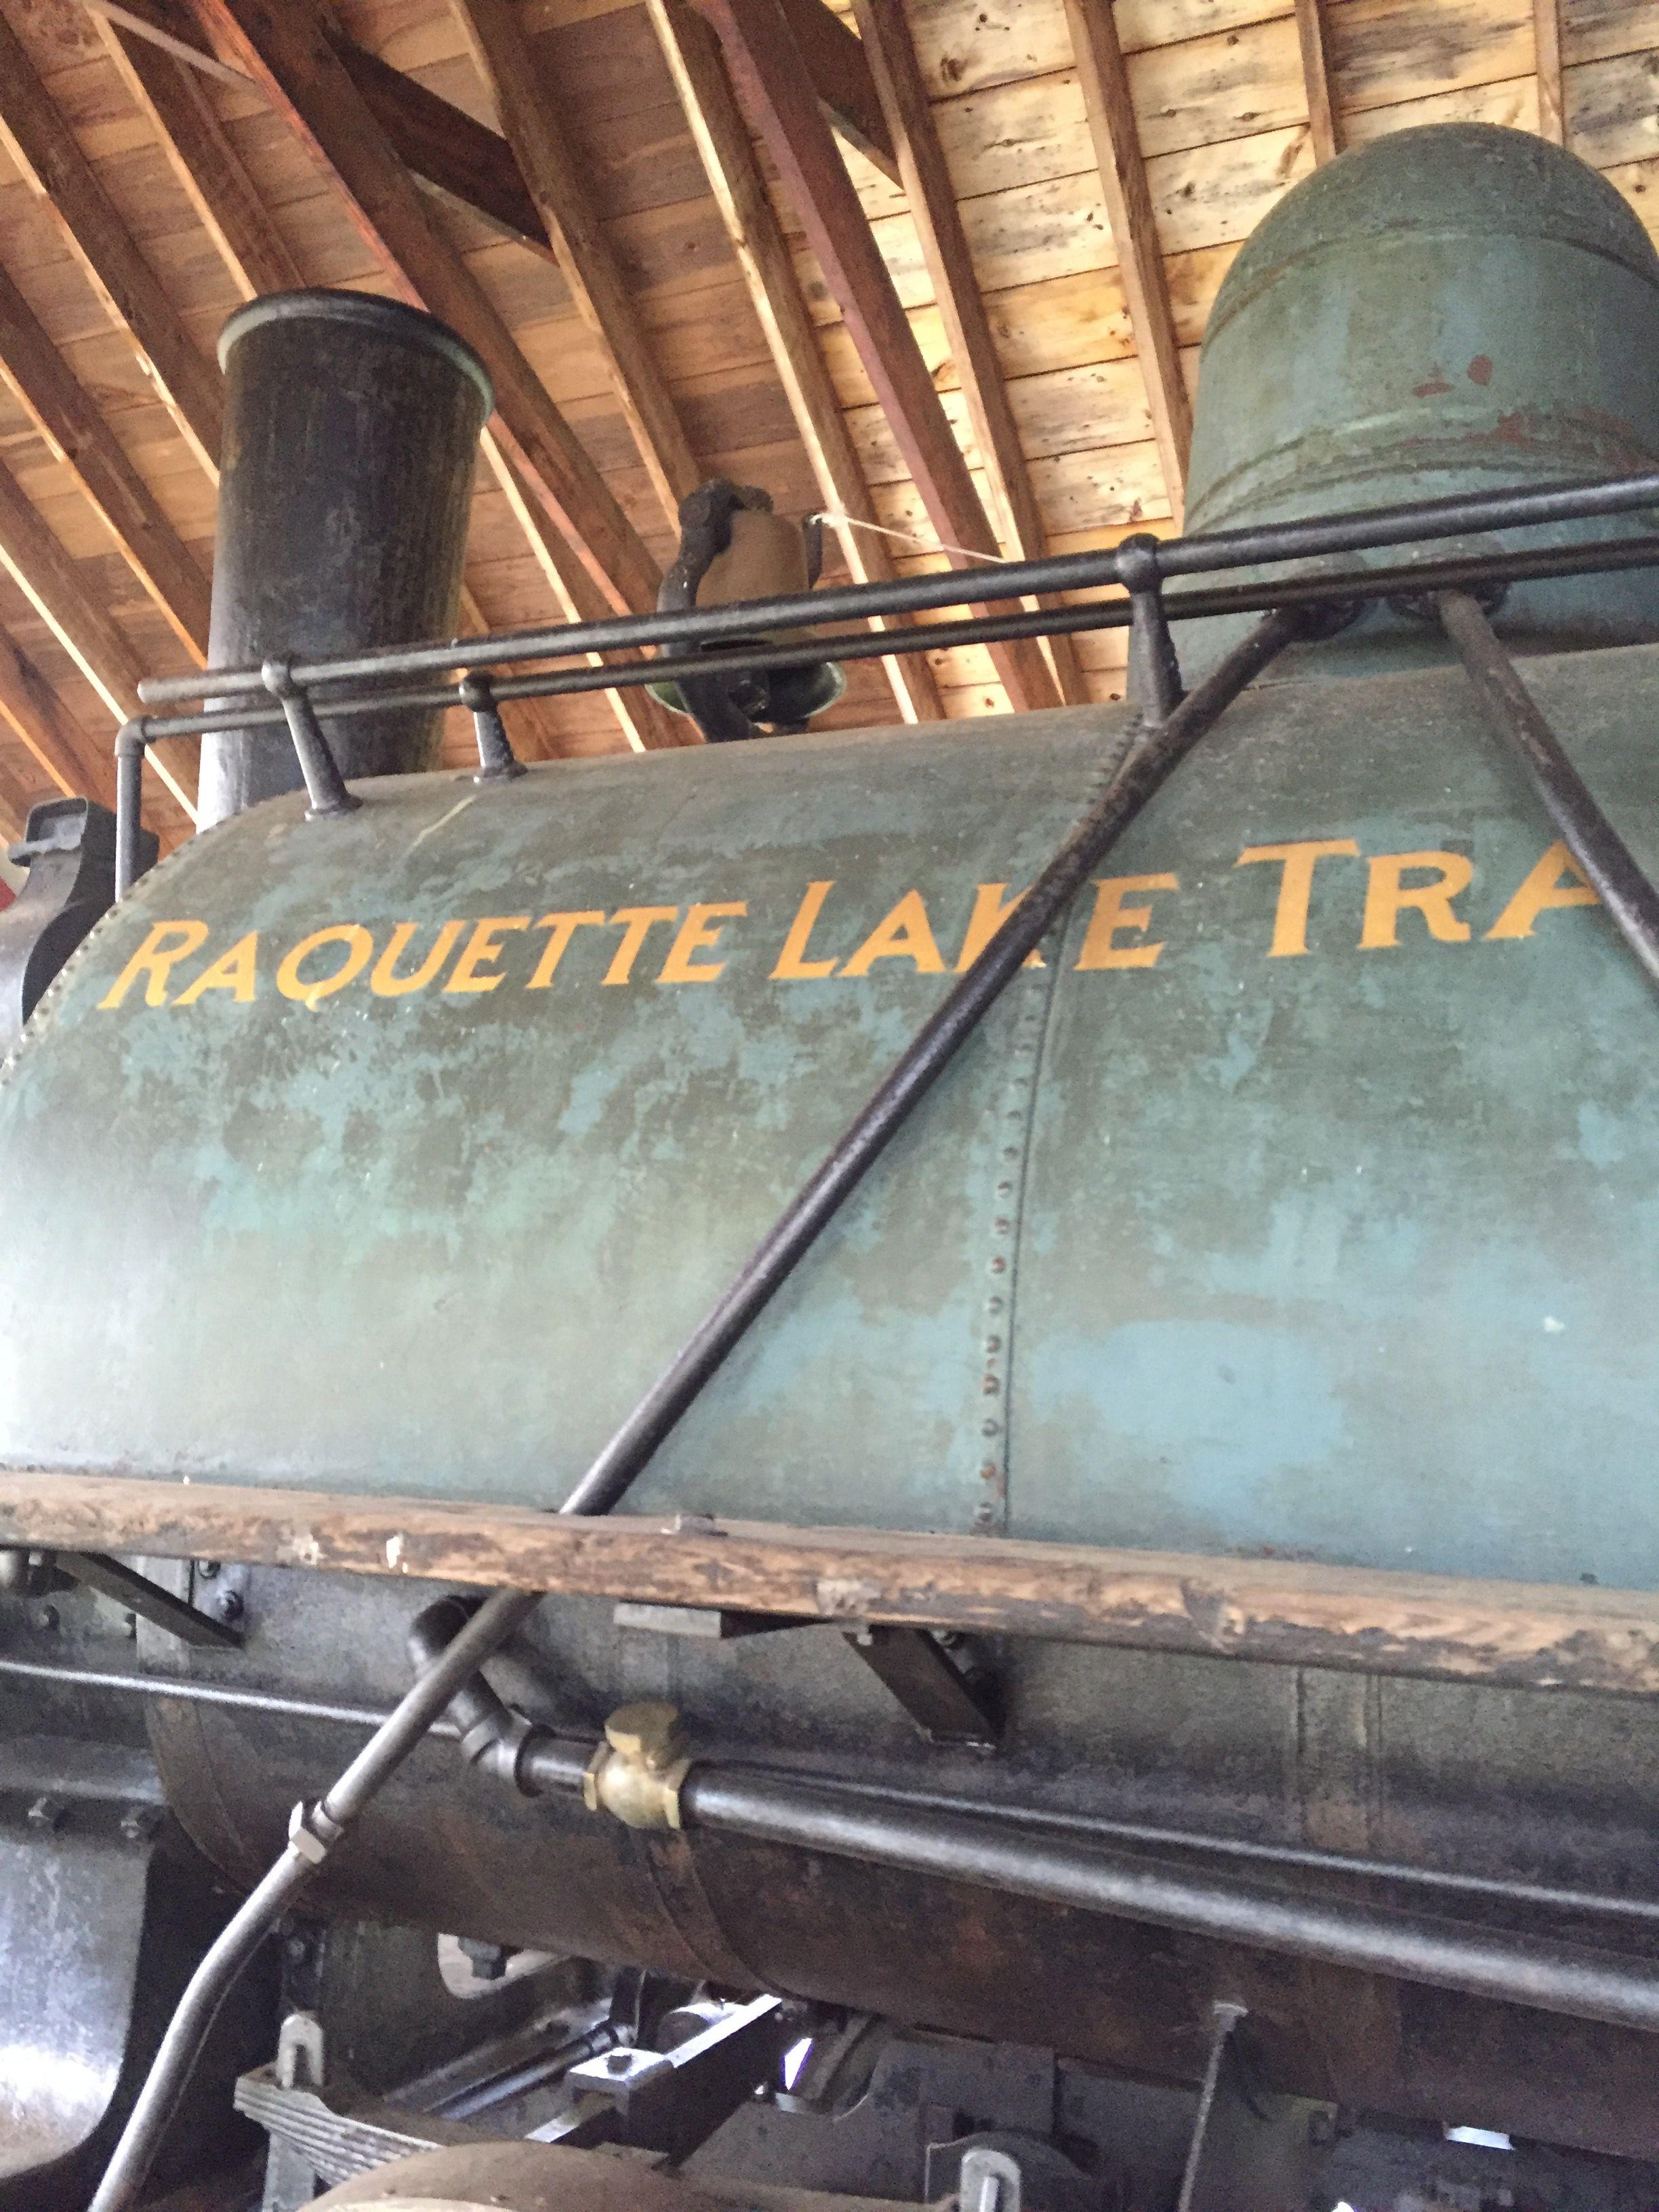 Raquette lake trail